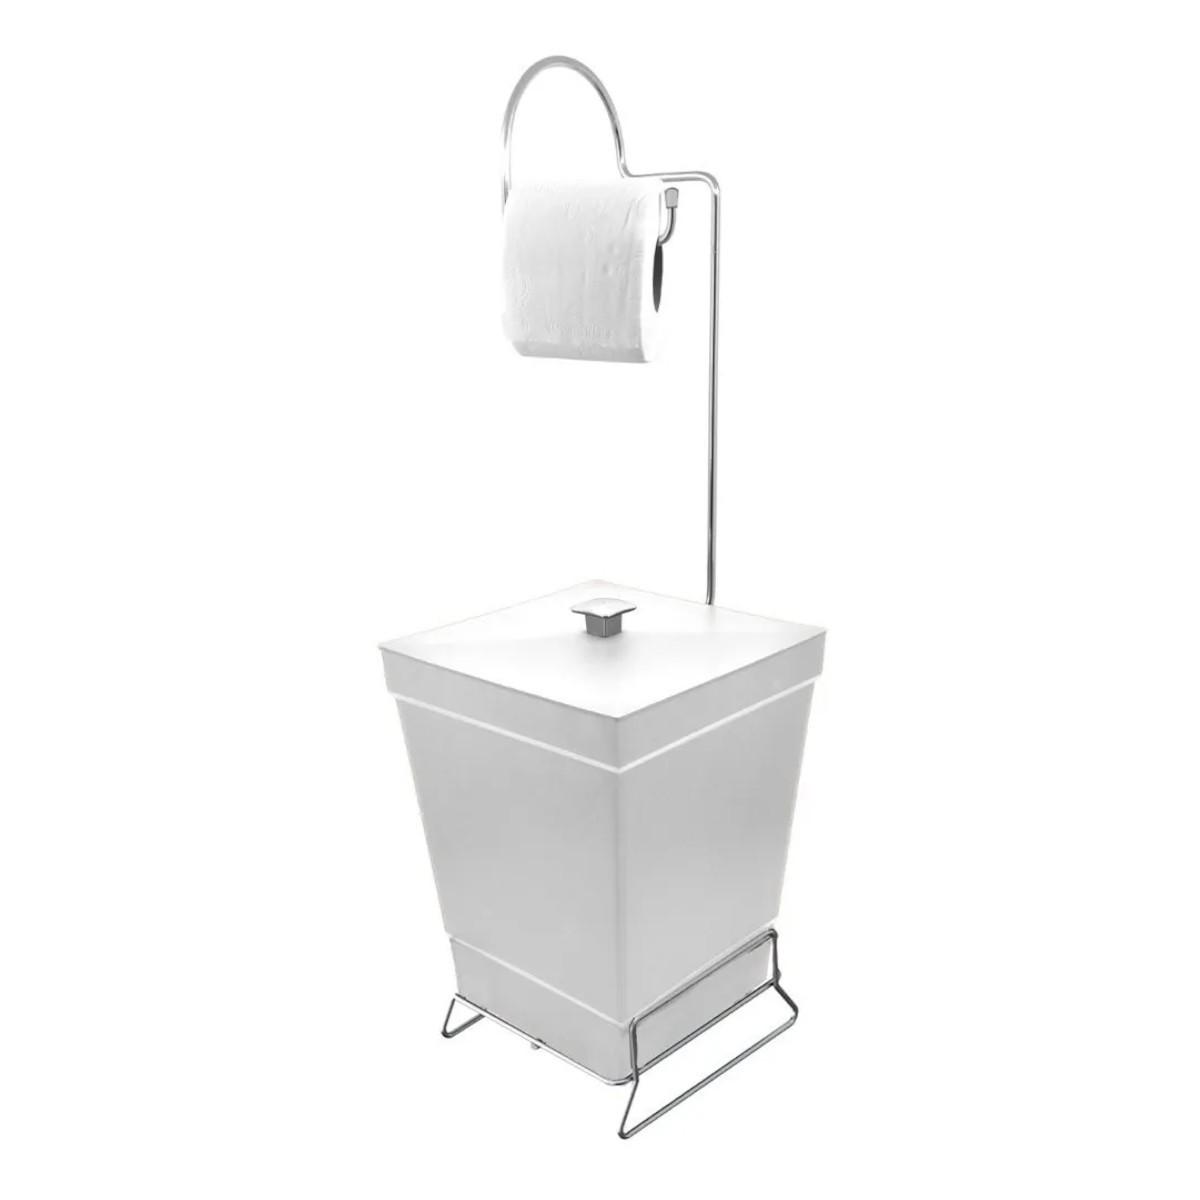 Lixeira de Banheiro com Suporte p/ Papel Higiênico - Stolf